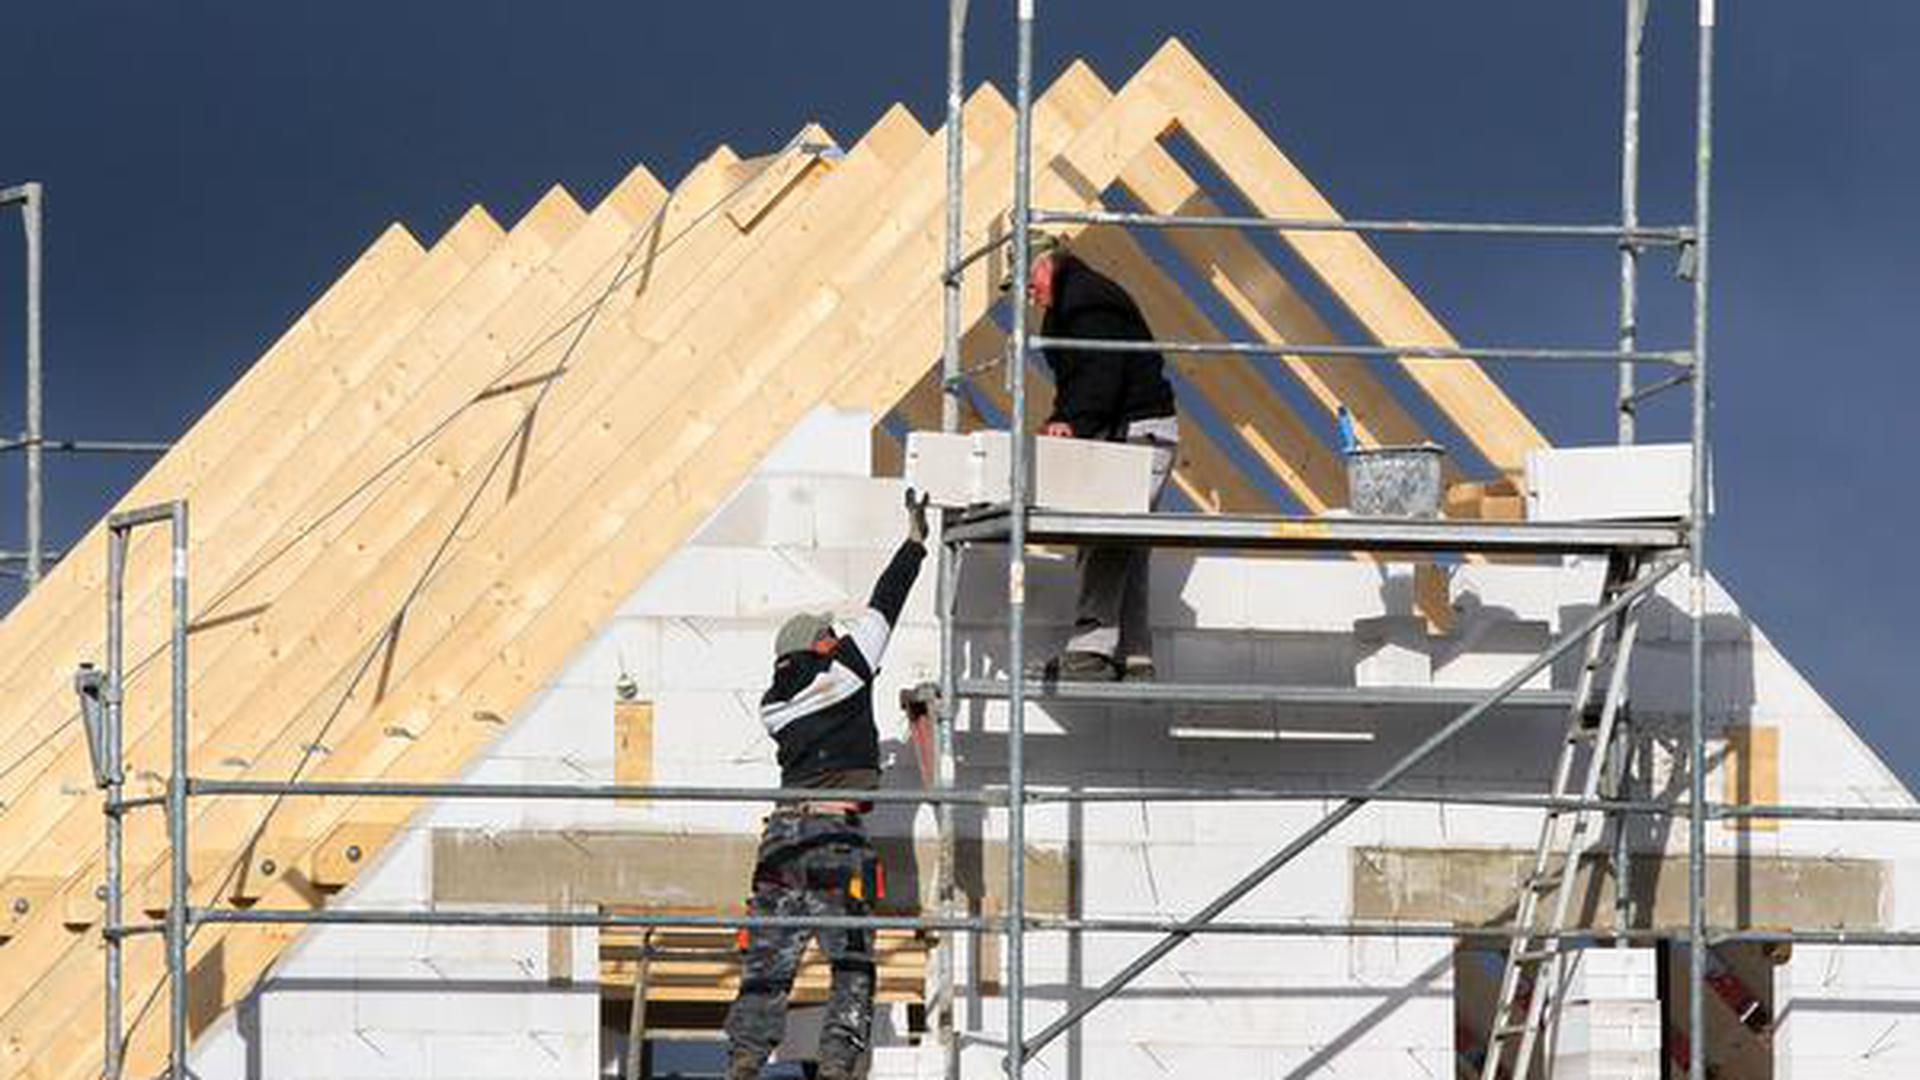 Bauland und Immobilien rund um Achern sind gefragt.  Symbolbild.